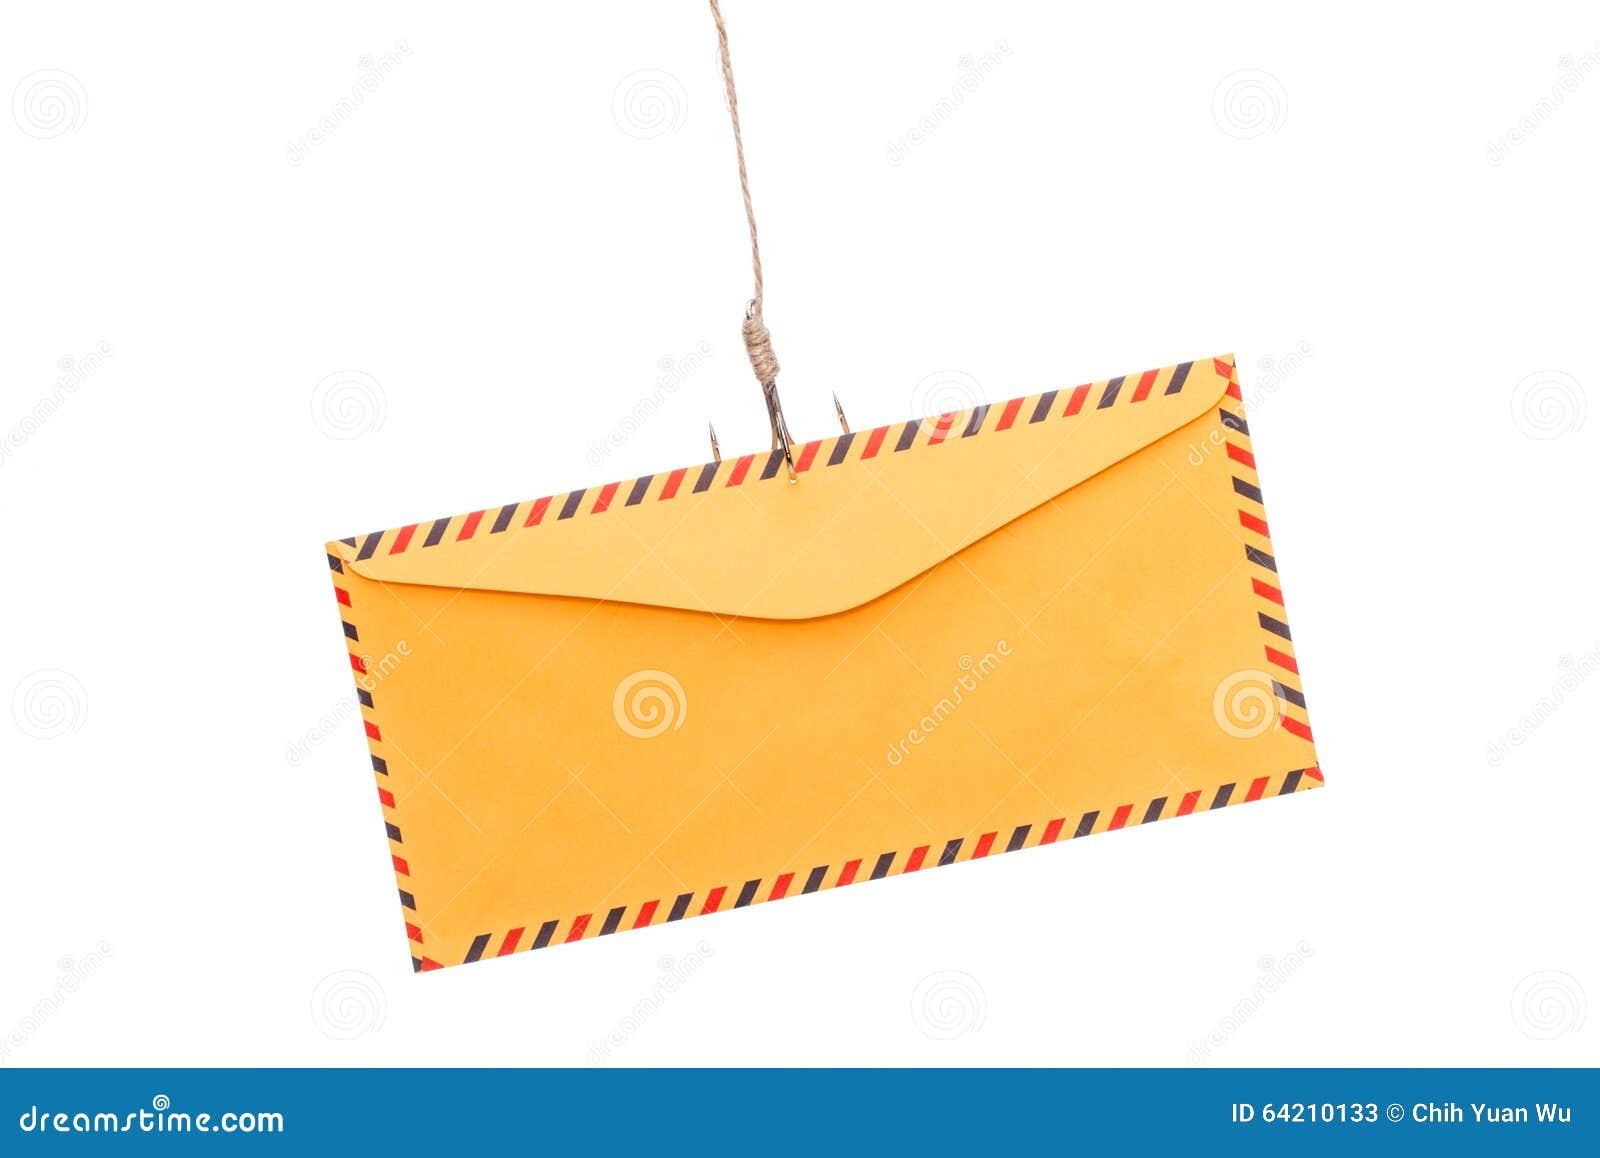 Luftpost Phishing